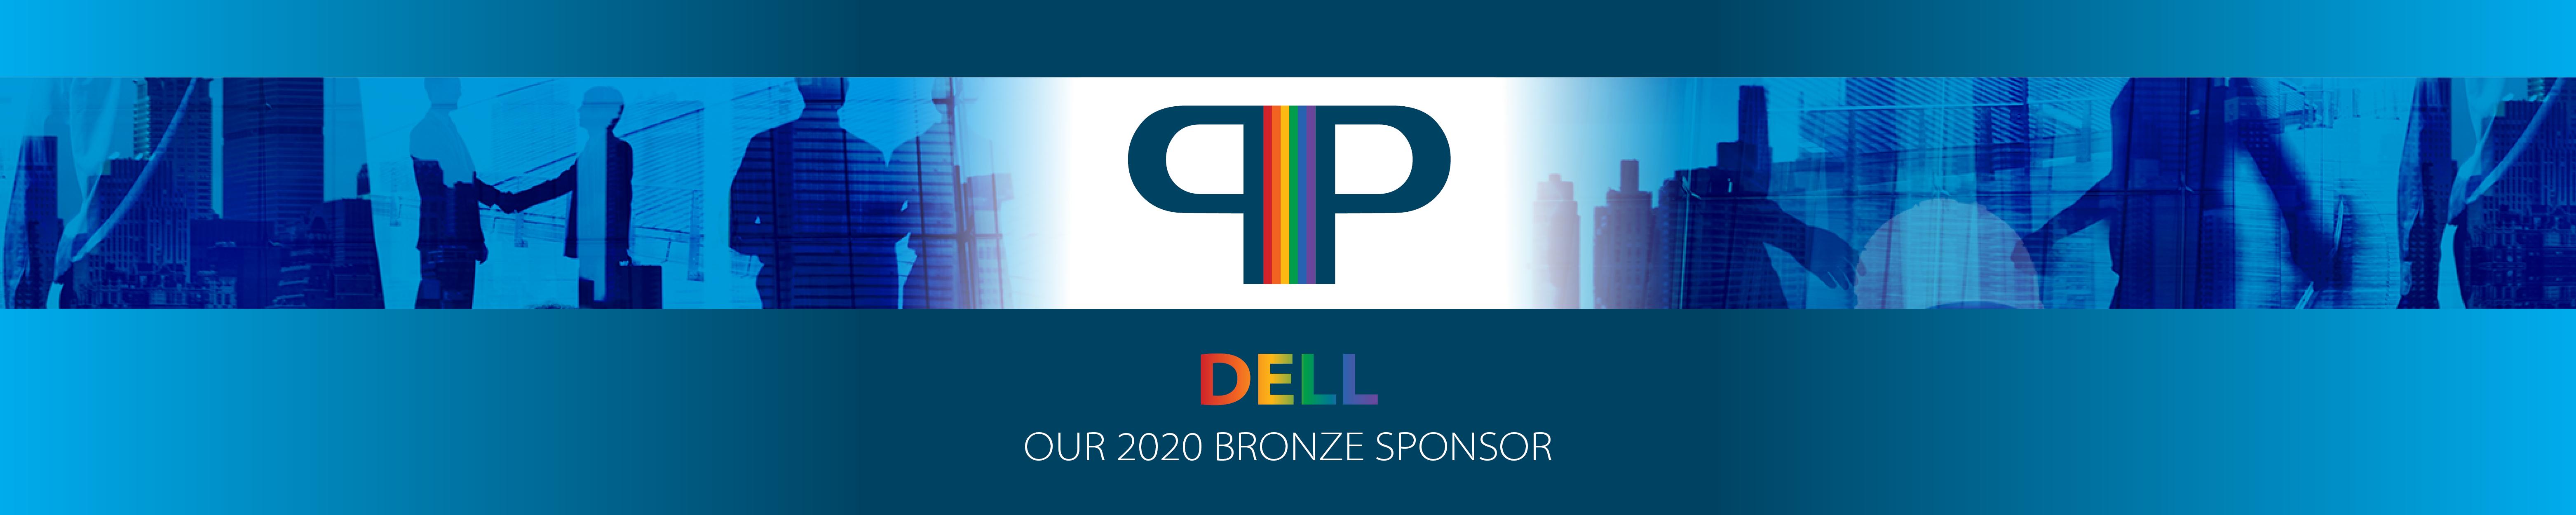 PIP_Conference_Dell_Bronze